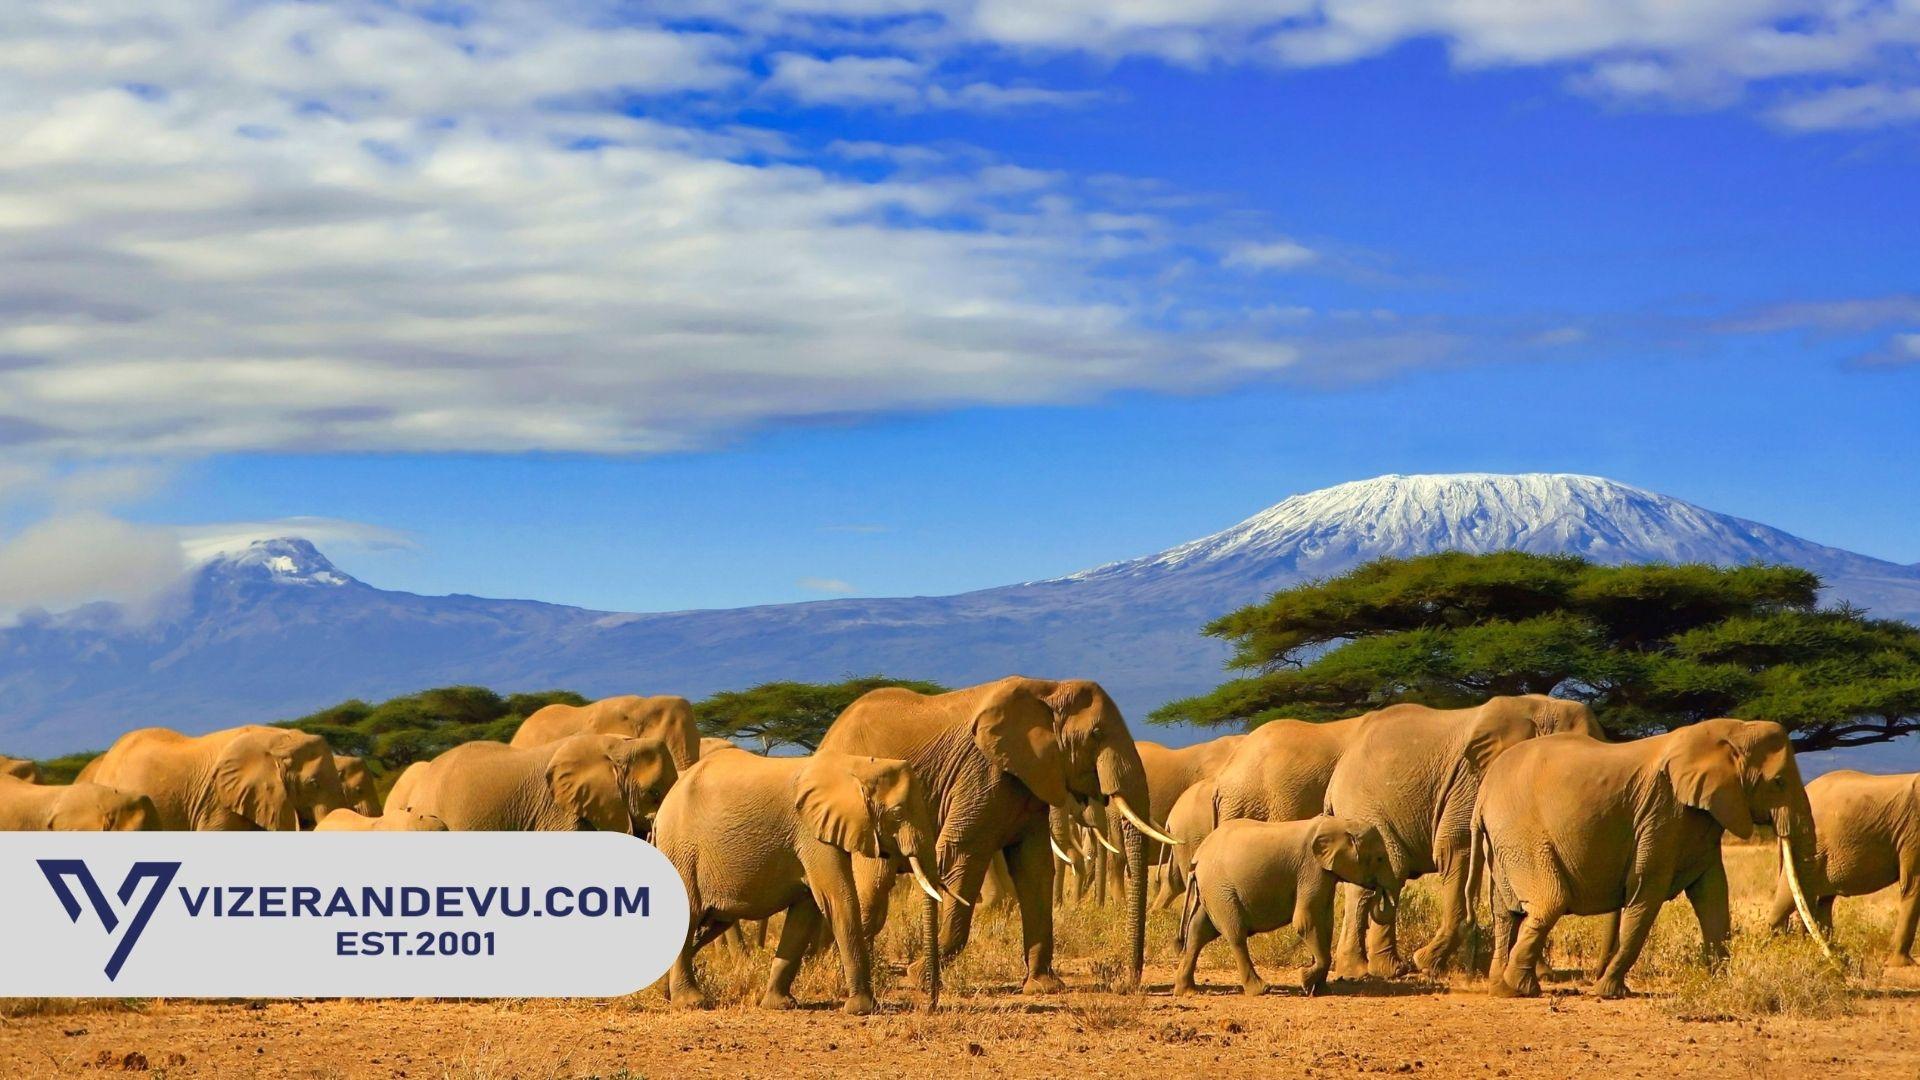 Tanzanya Vizesi: Randevu ve Başvuru (2021)